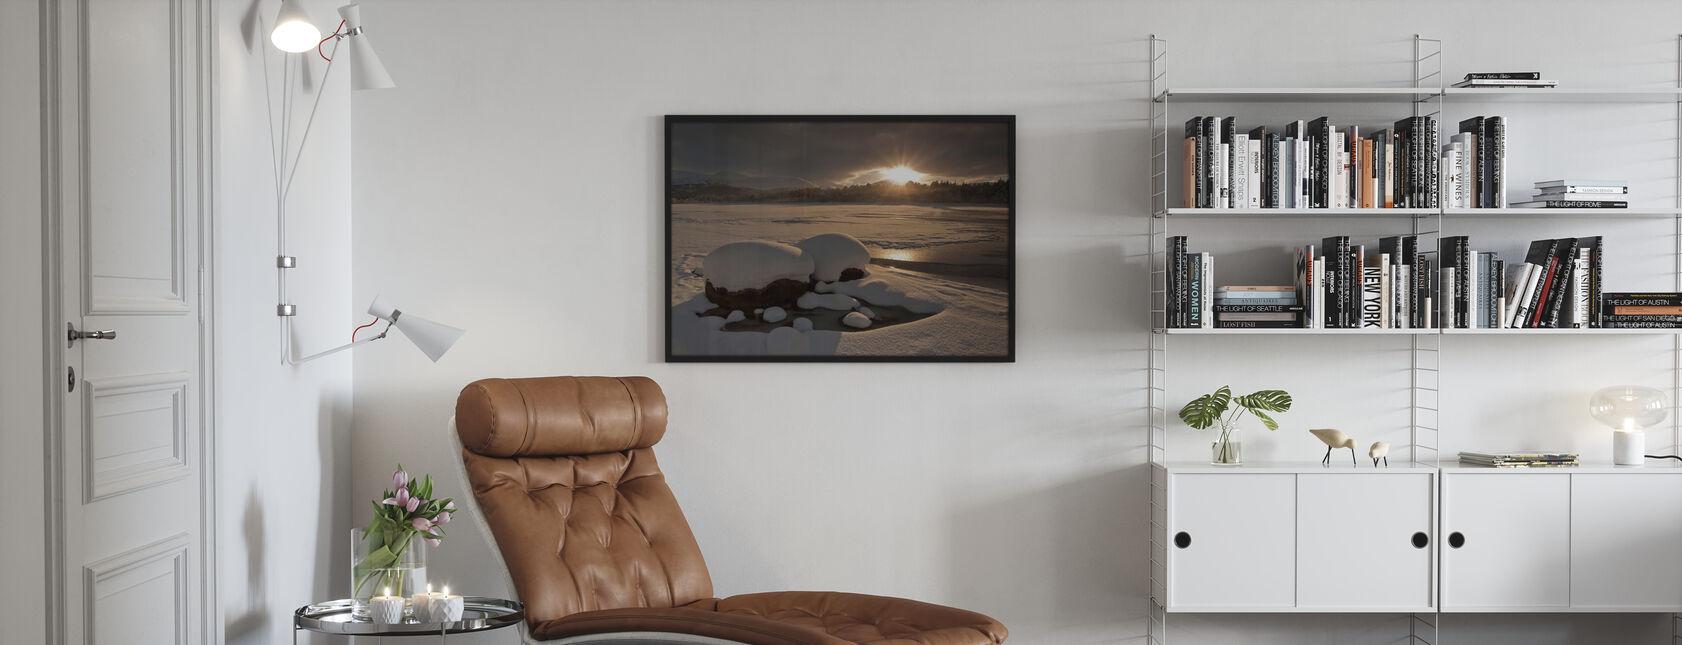 Loch Morlich Frozen Over - Framed print - Living Room